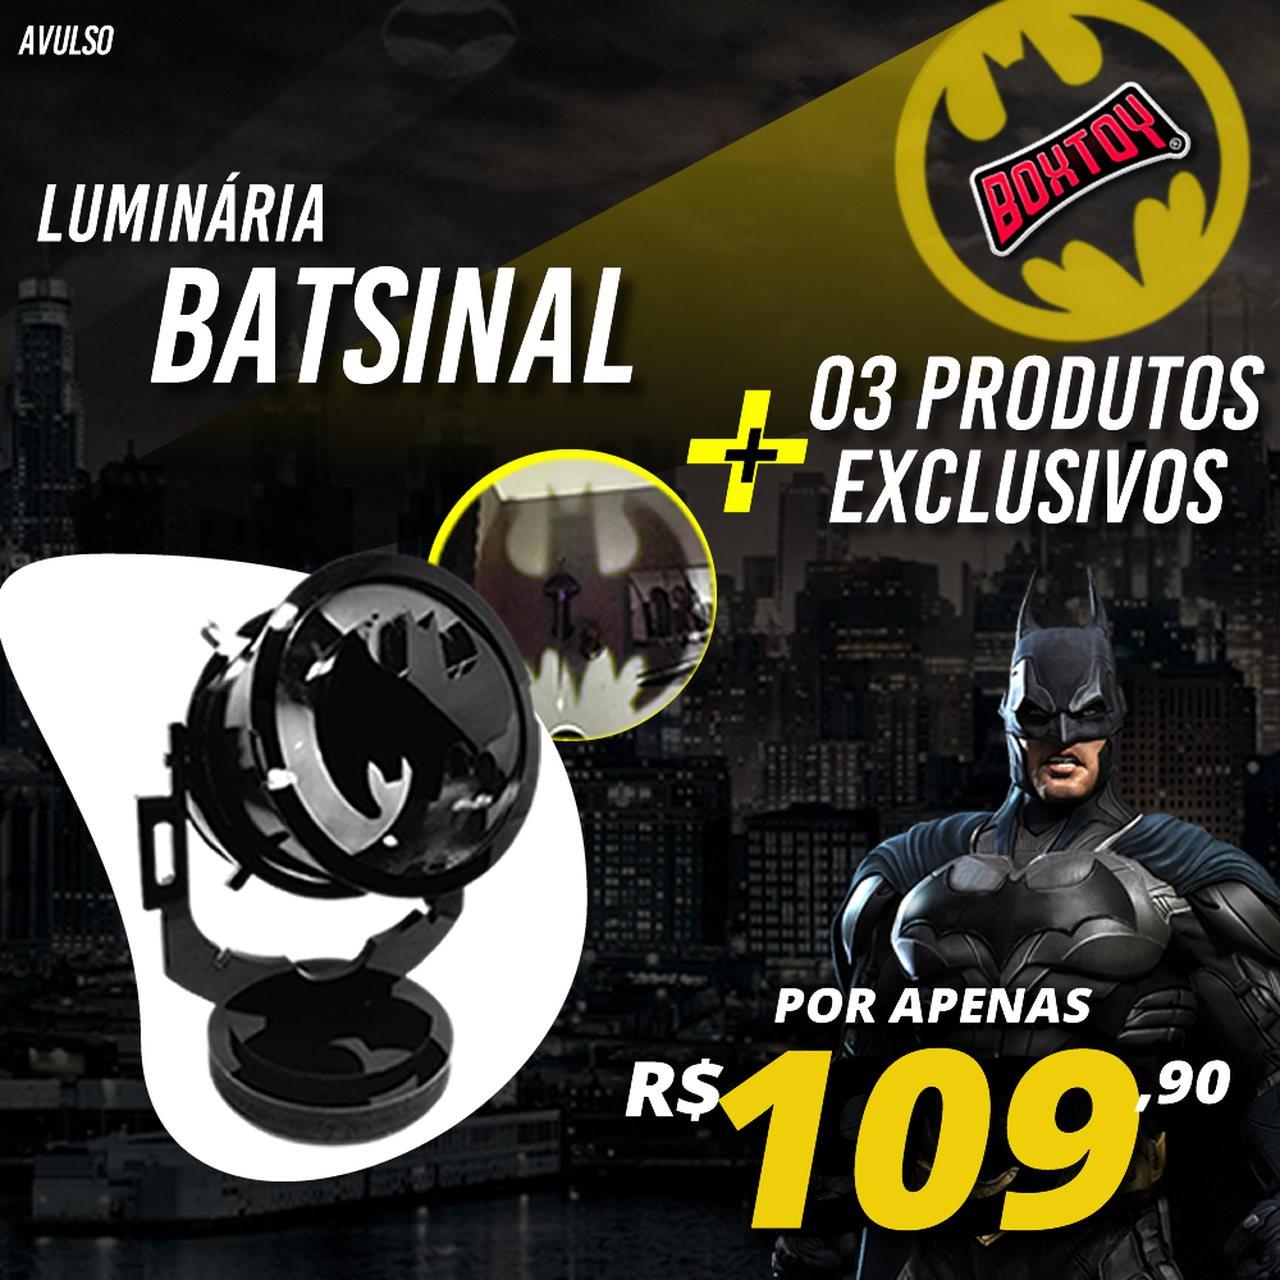 Boxtoy Edição Batman  - Boxtoy